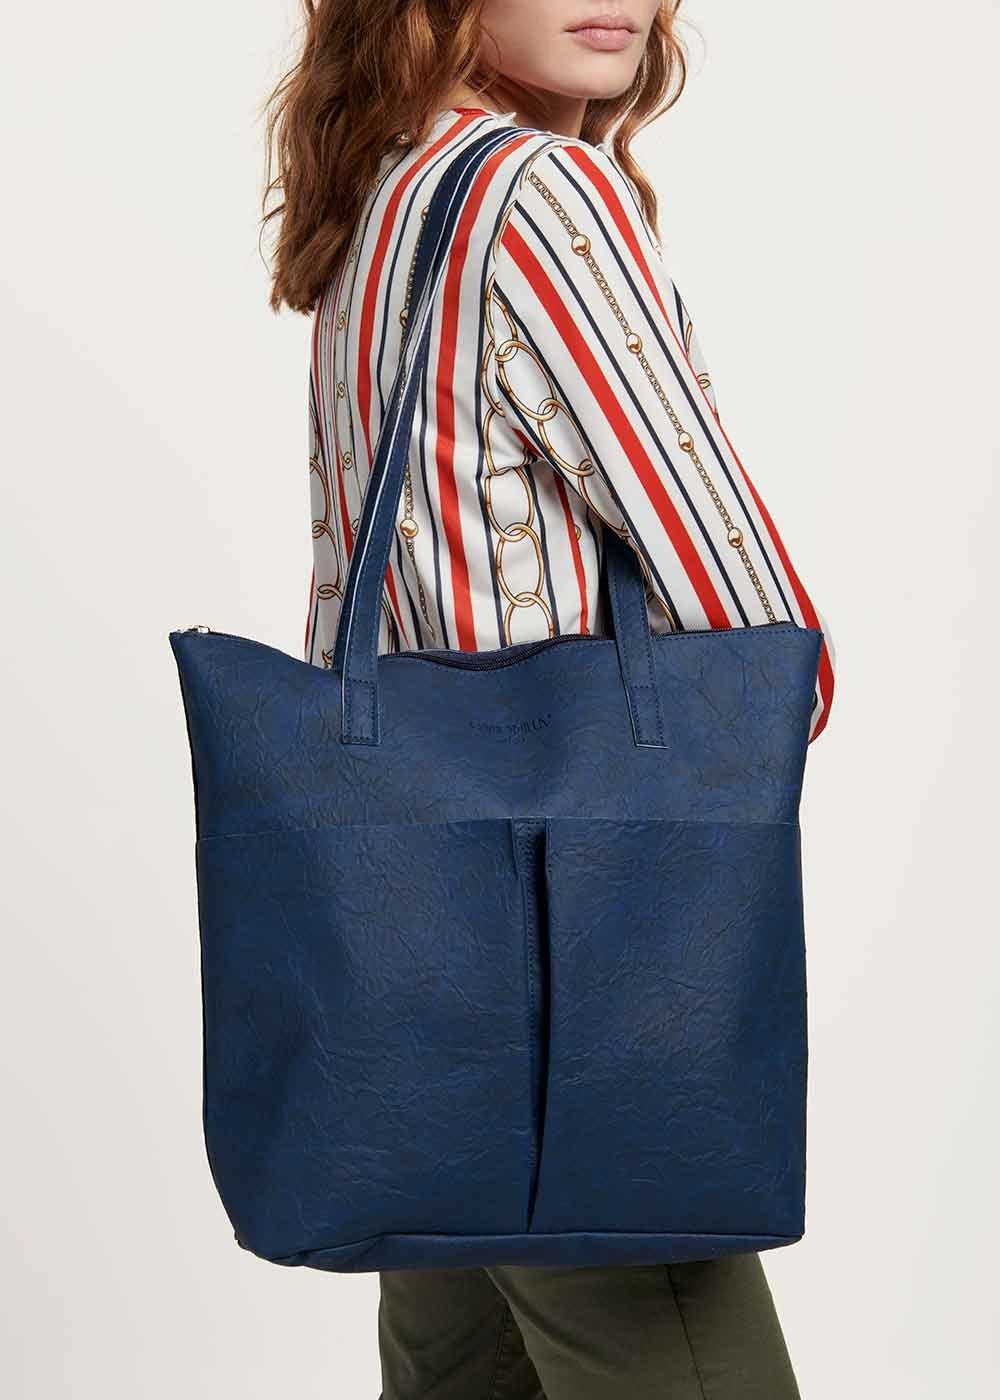 Shopping bag Blanche con increspature - Medium Blue - Donna